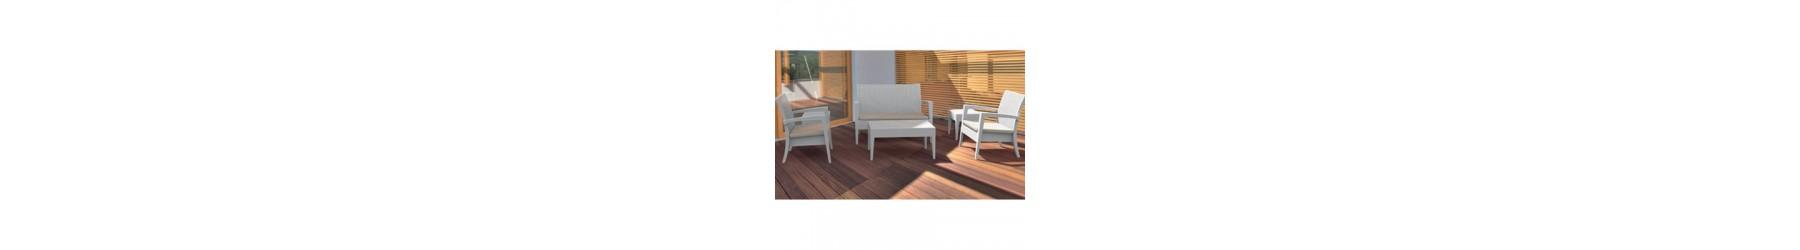 Σαλόνια και καθιστικά με δομή από συνθετικό PVC